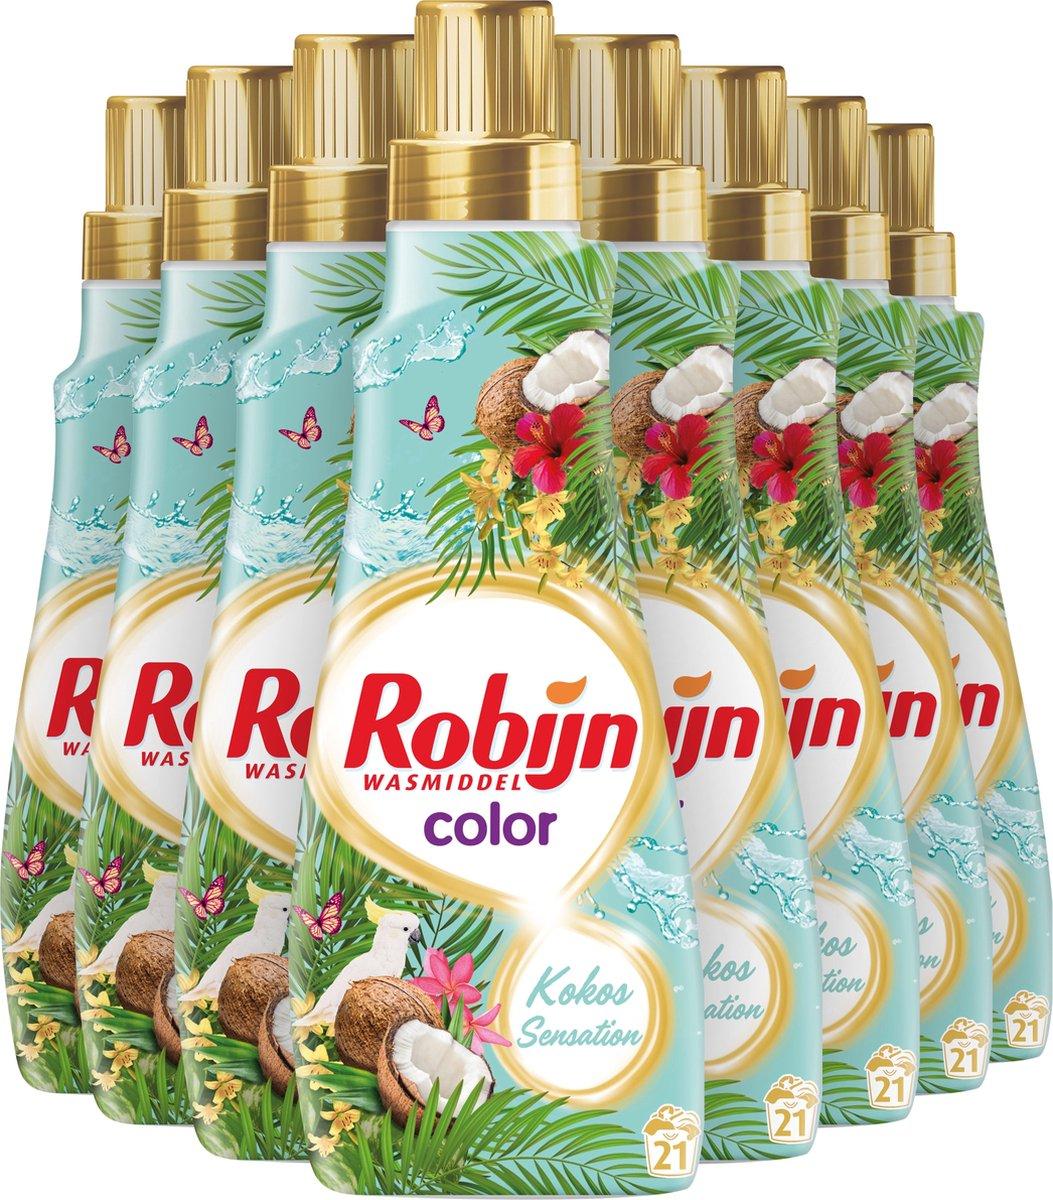 Robijn Klein en Krachtig Kokos Sensation Vloeibaar Wasmiddel - 8 x 21 wasbeurten - Voordeelverpakkin